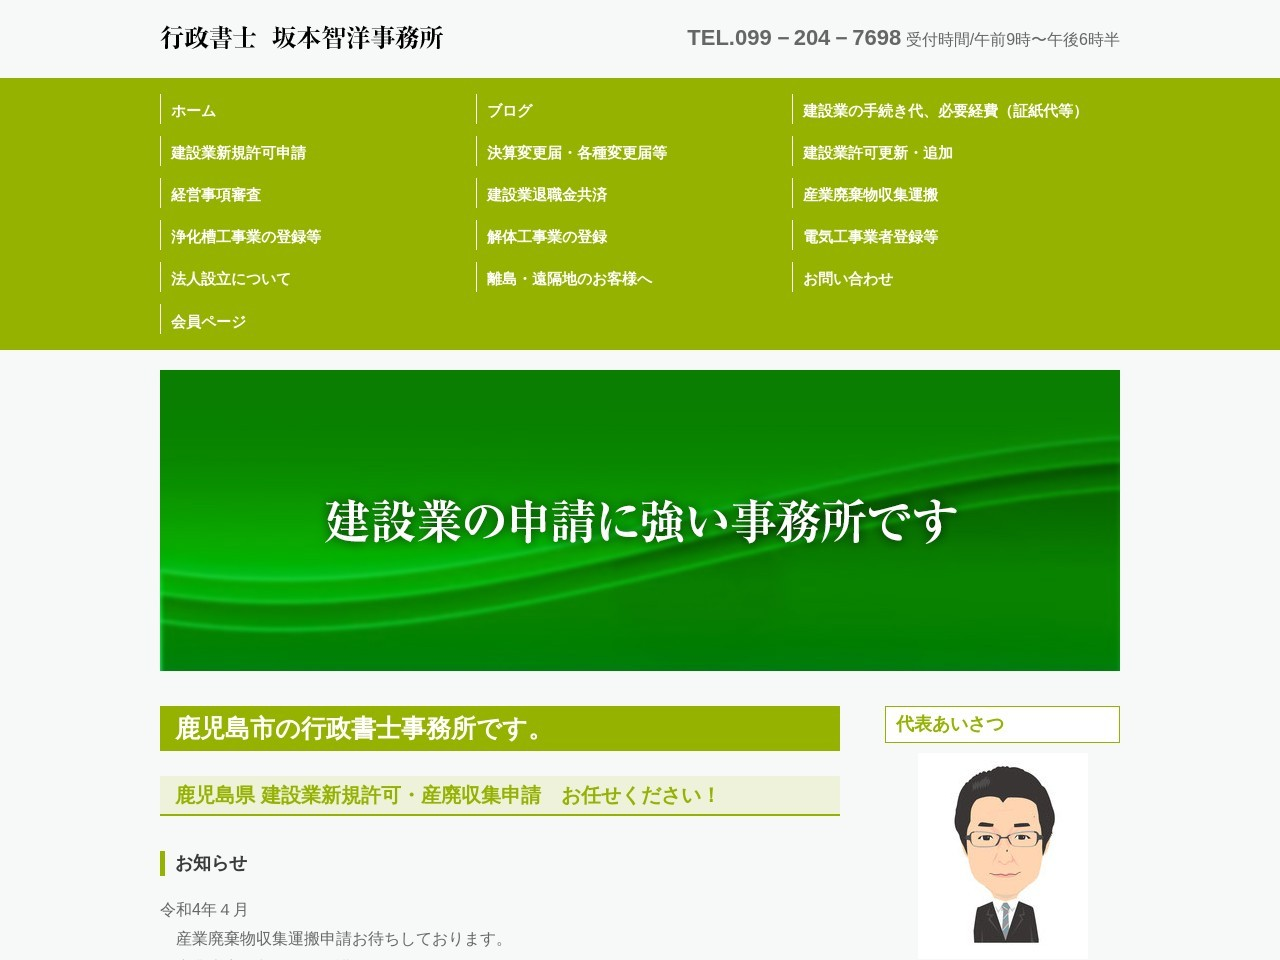 行政書士坂本智洋事務所